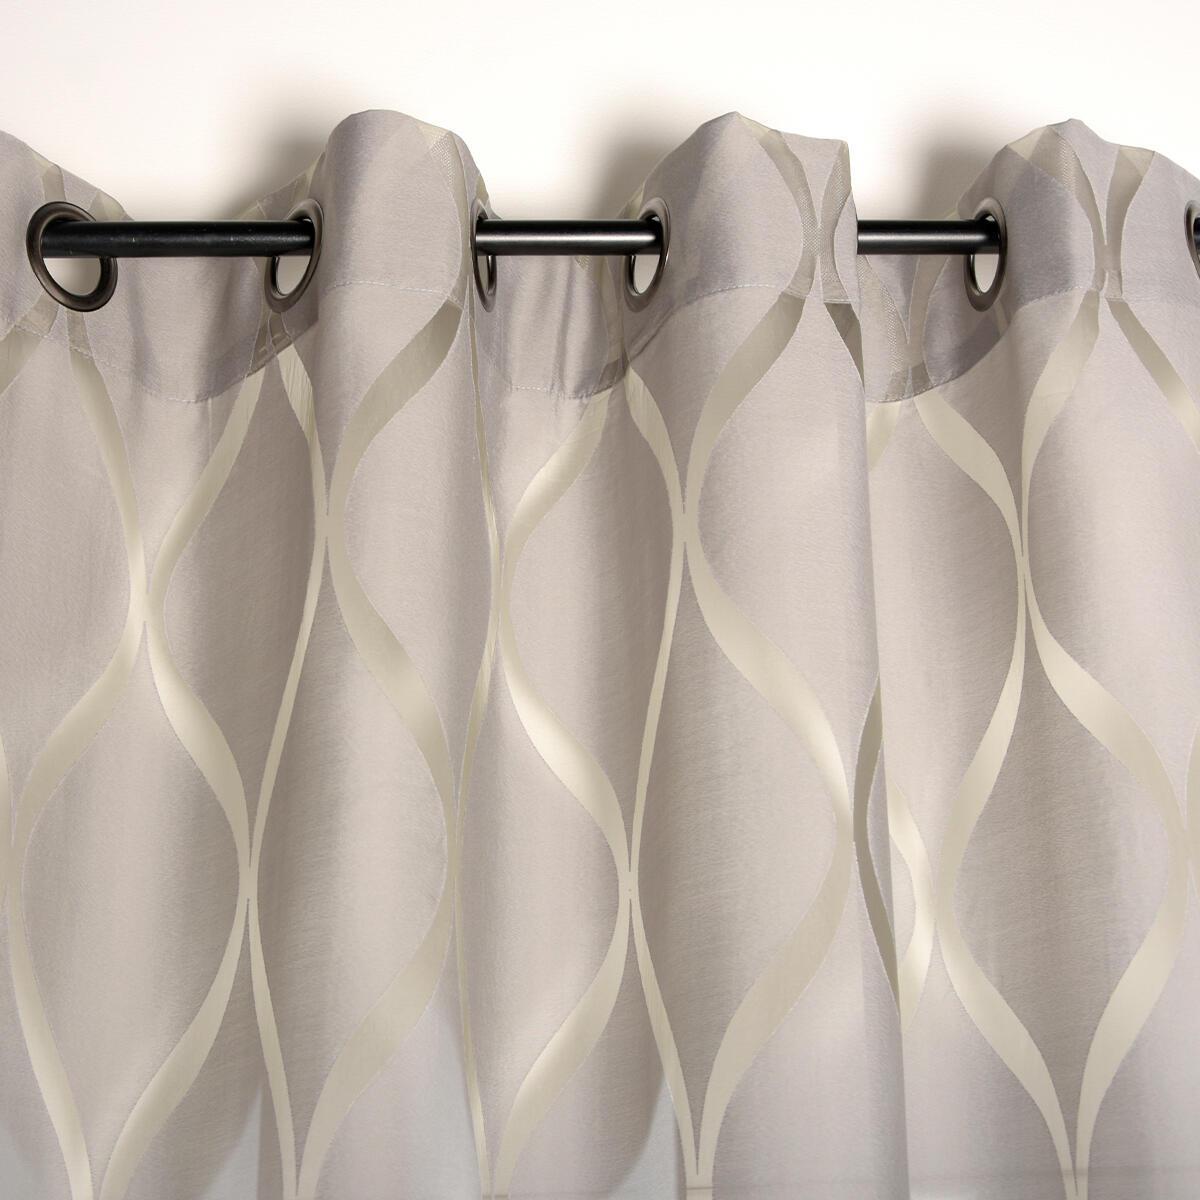 Tenda Arlequin grigio occhielli 140 x 280 cm - 3